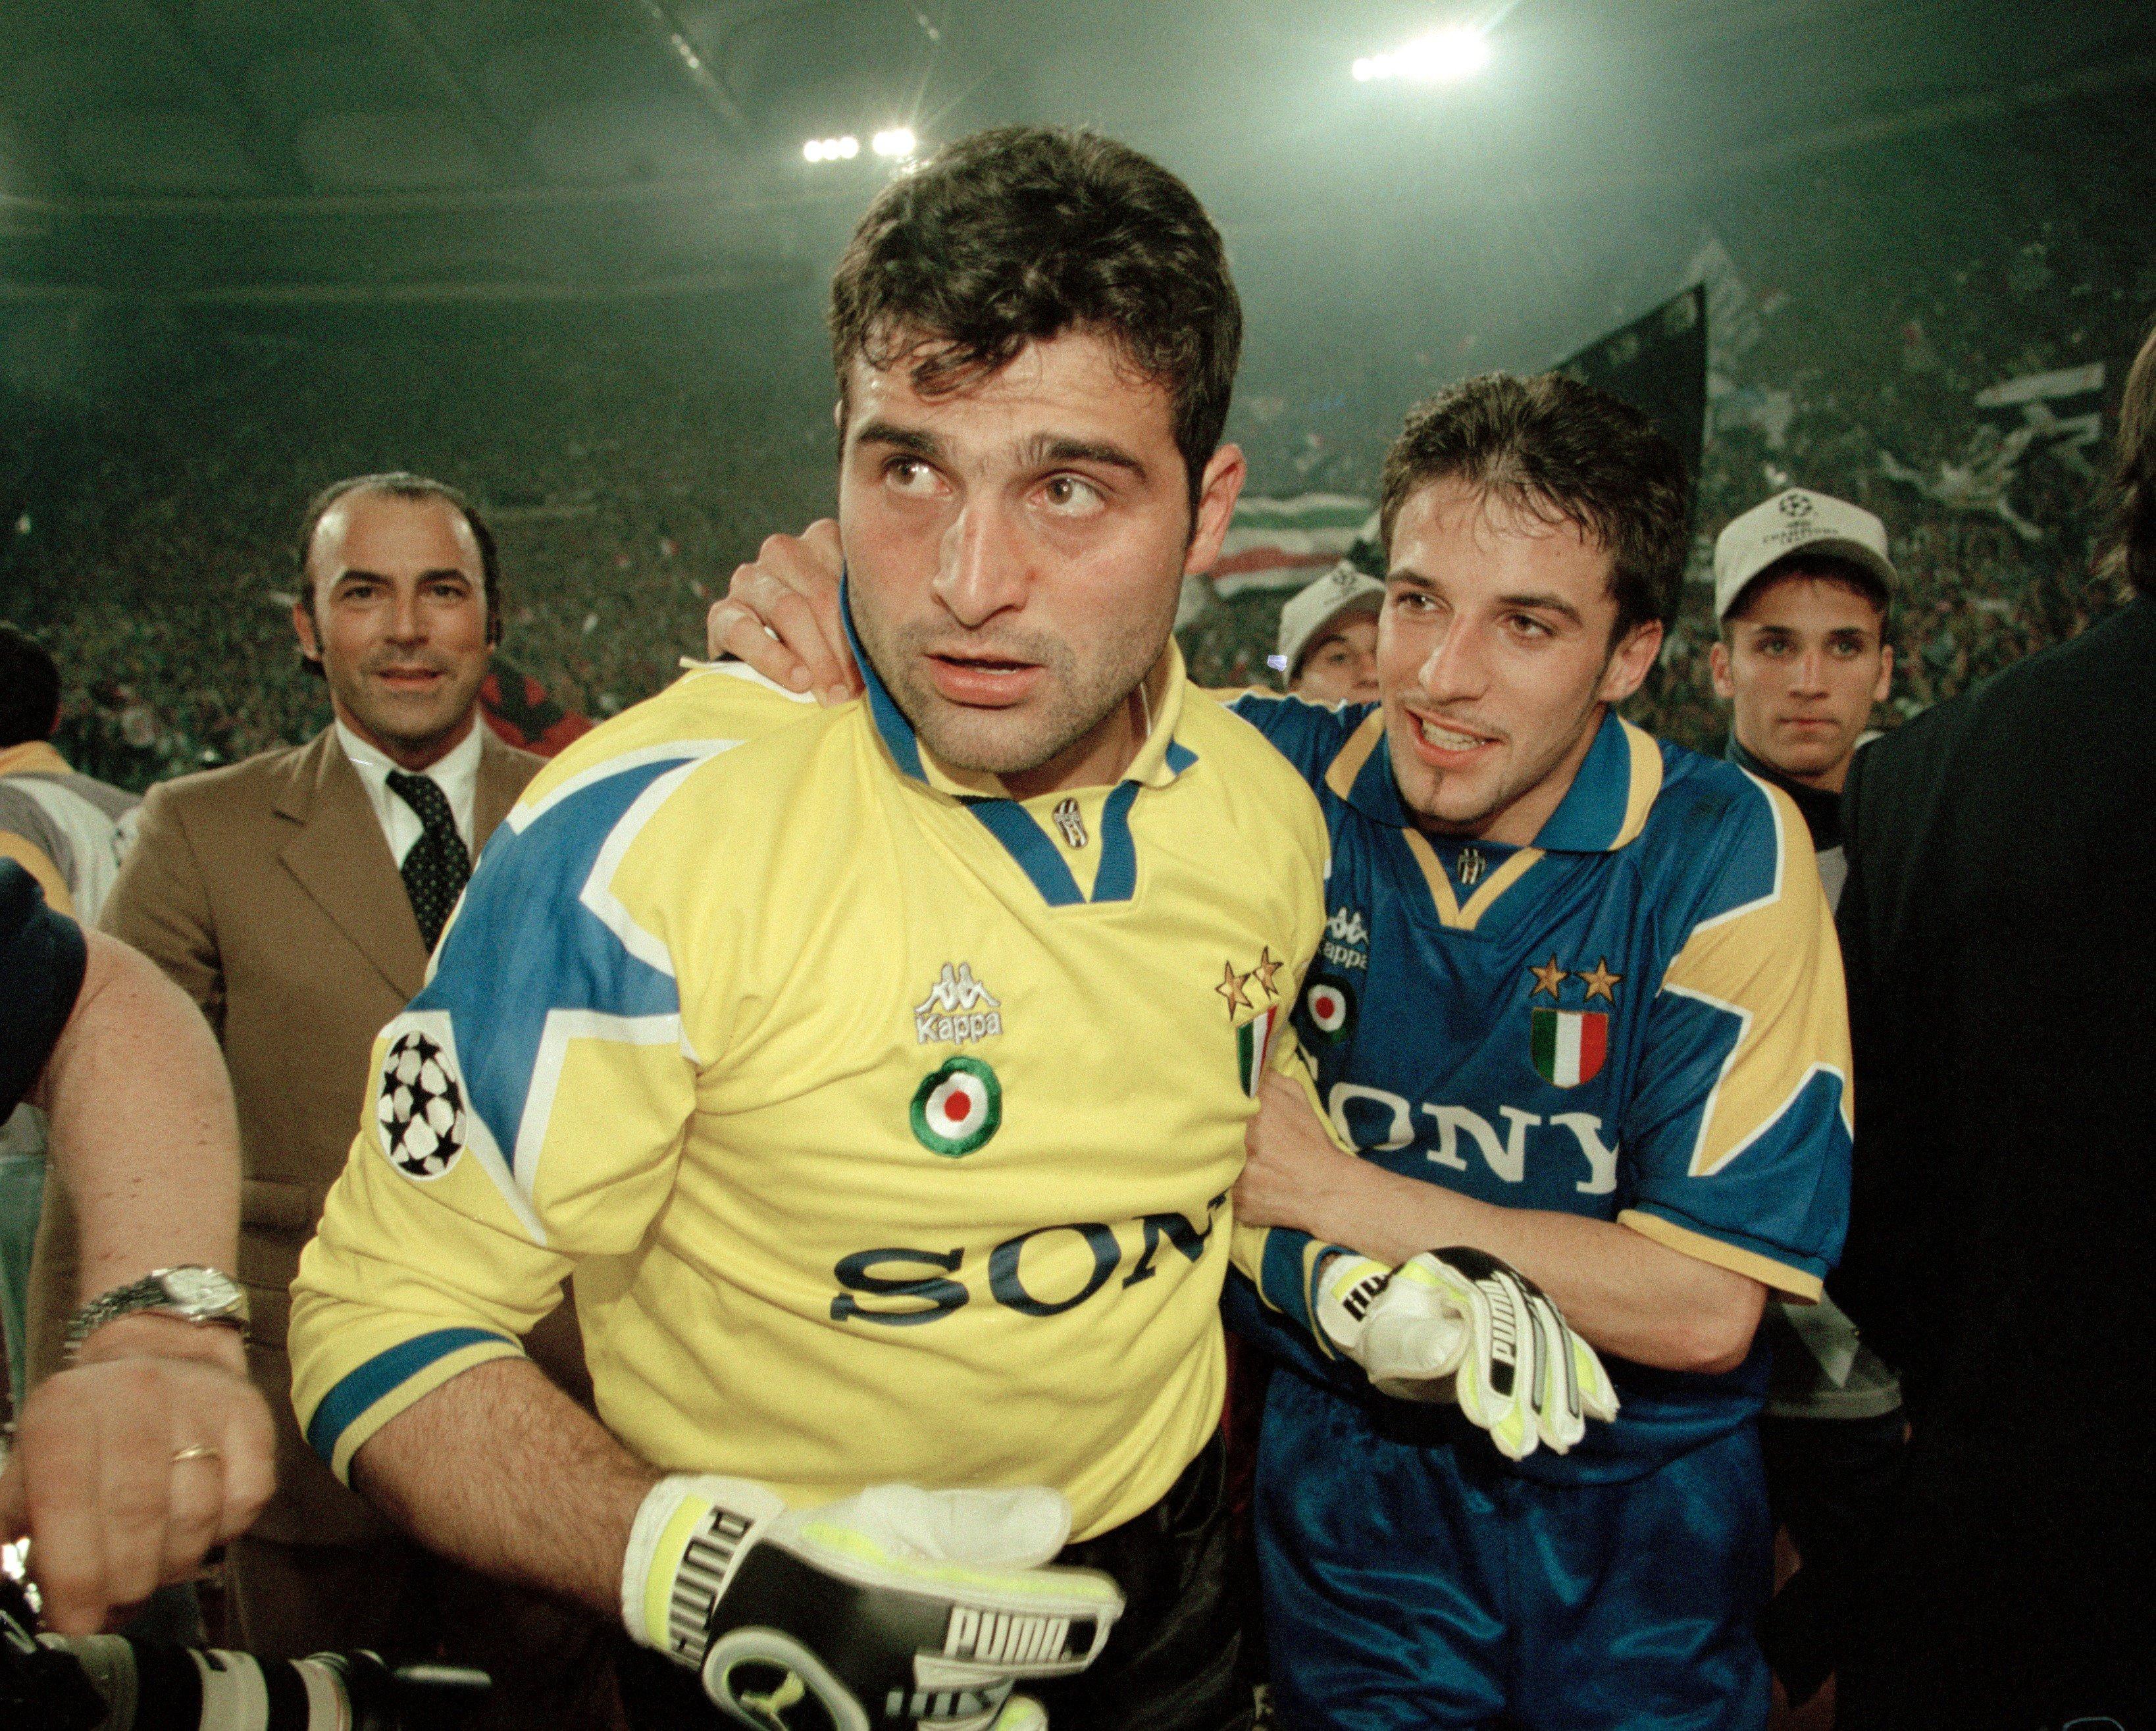 Finale della UEFA Champions League 1995-1996 - Wikipedia